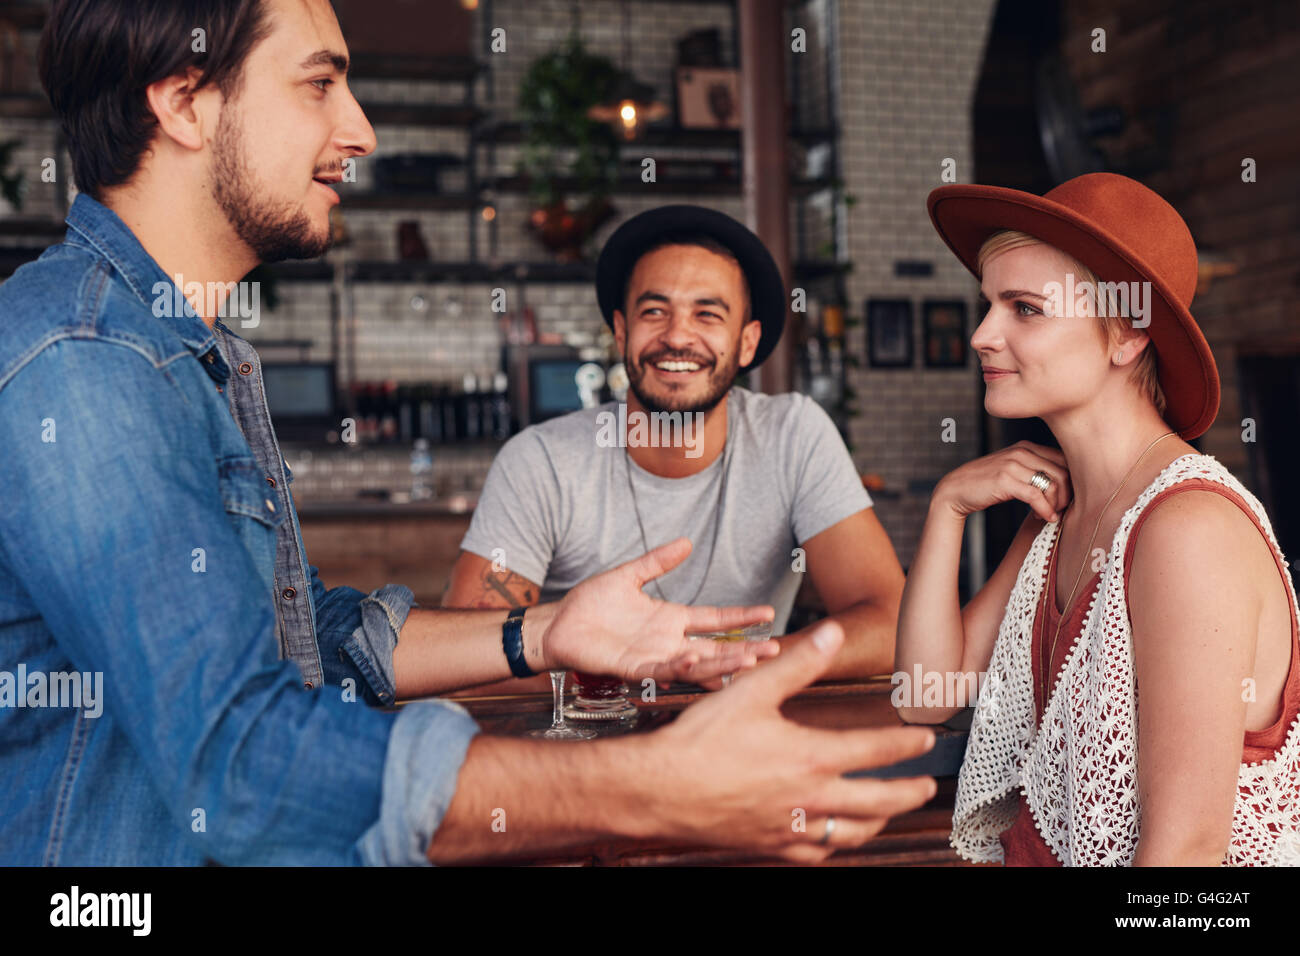 Grupo de jóvenes amigos que cuelgan en una cafetería. Los jóvenes, hombres y mujeres, sentados juntos Imagen De Stock